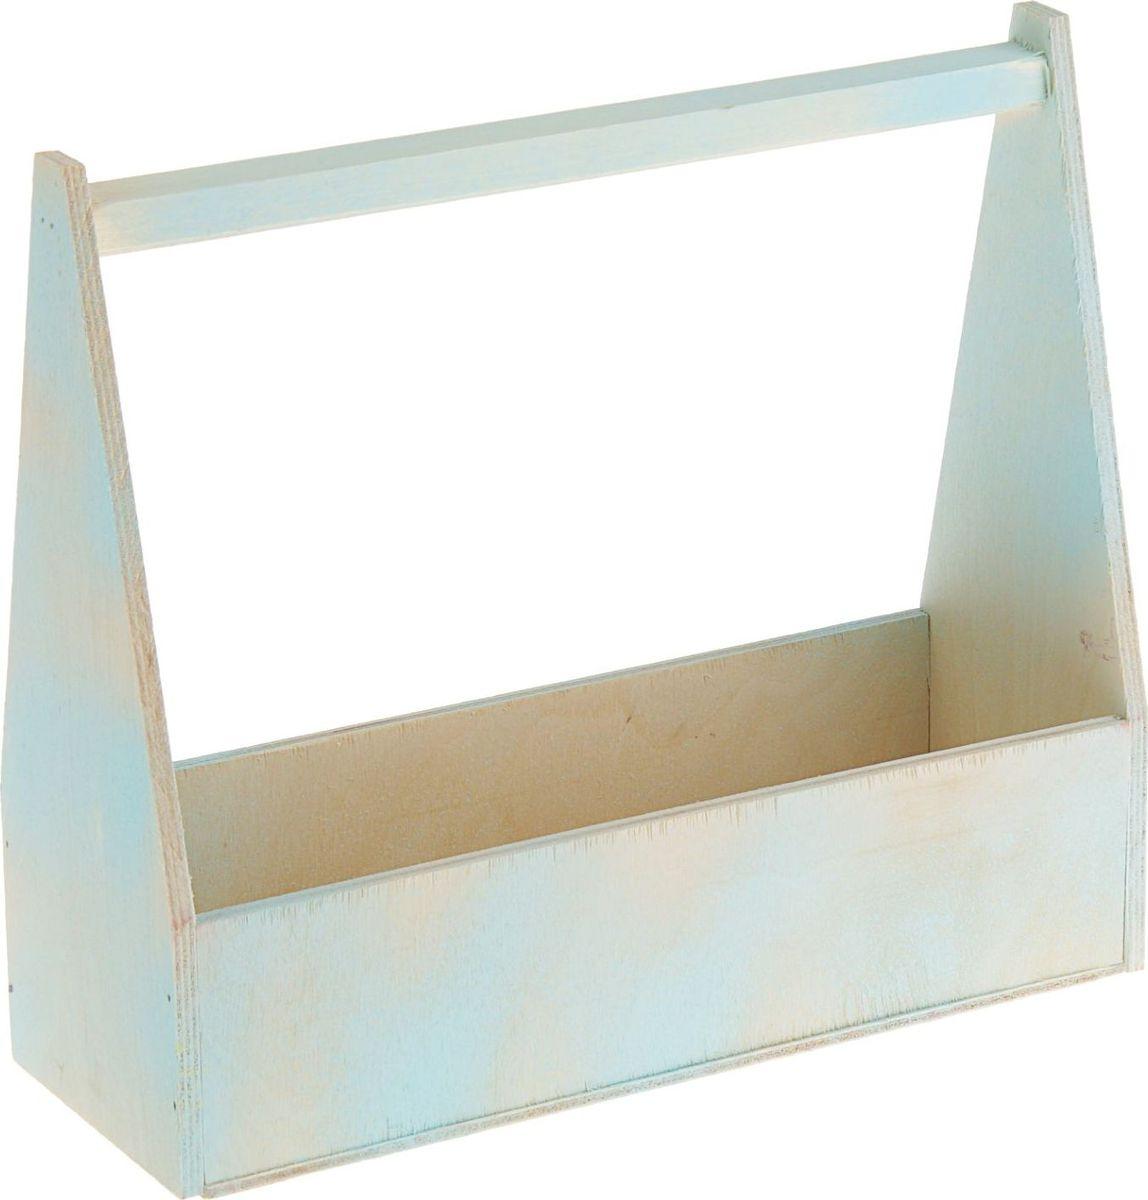 Кашпо ТД ДМ Ящик, состаренное, цвет: синий, 12 х 27 х 30,5 см2269512#name# — сувенир в полном смысле этого слова. И главная его задача — хранить воспоминание о месте, где вы побывали, или о том человеке, который подарил данный предмет. Преподнесите эту вещь своему другу, и она станет достойным украшением его дома.